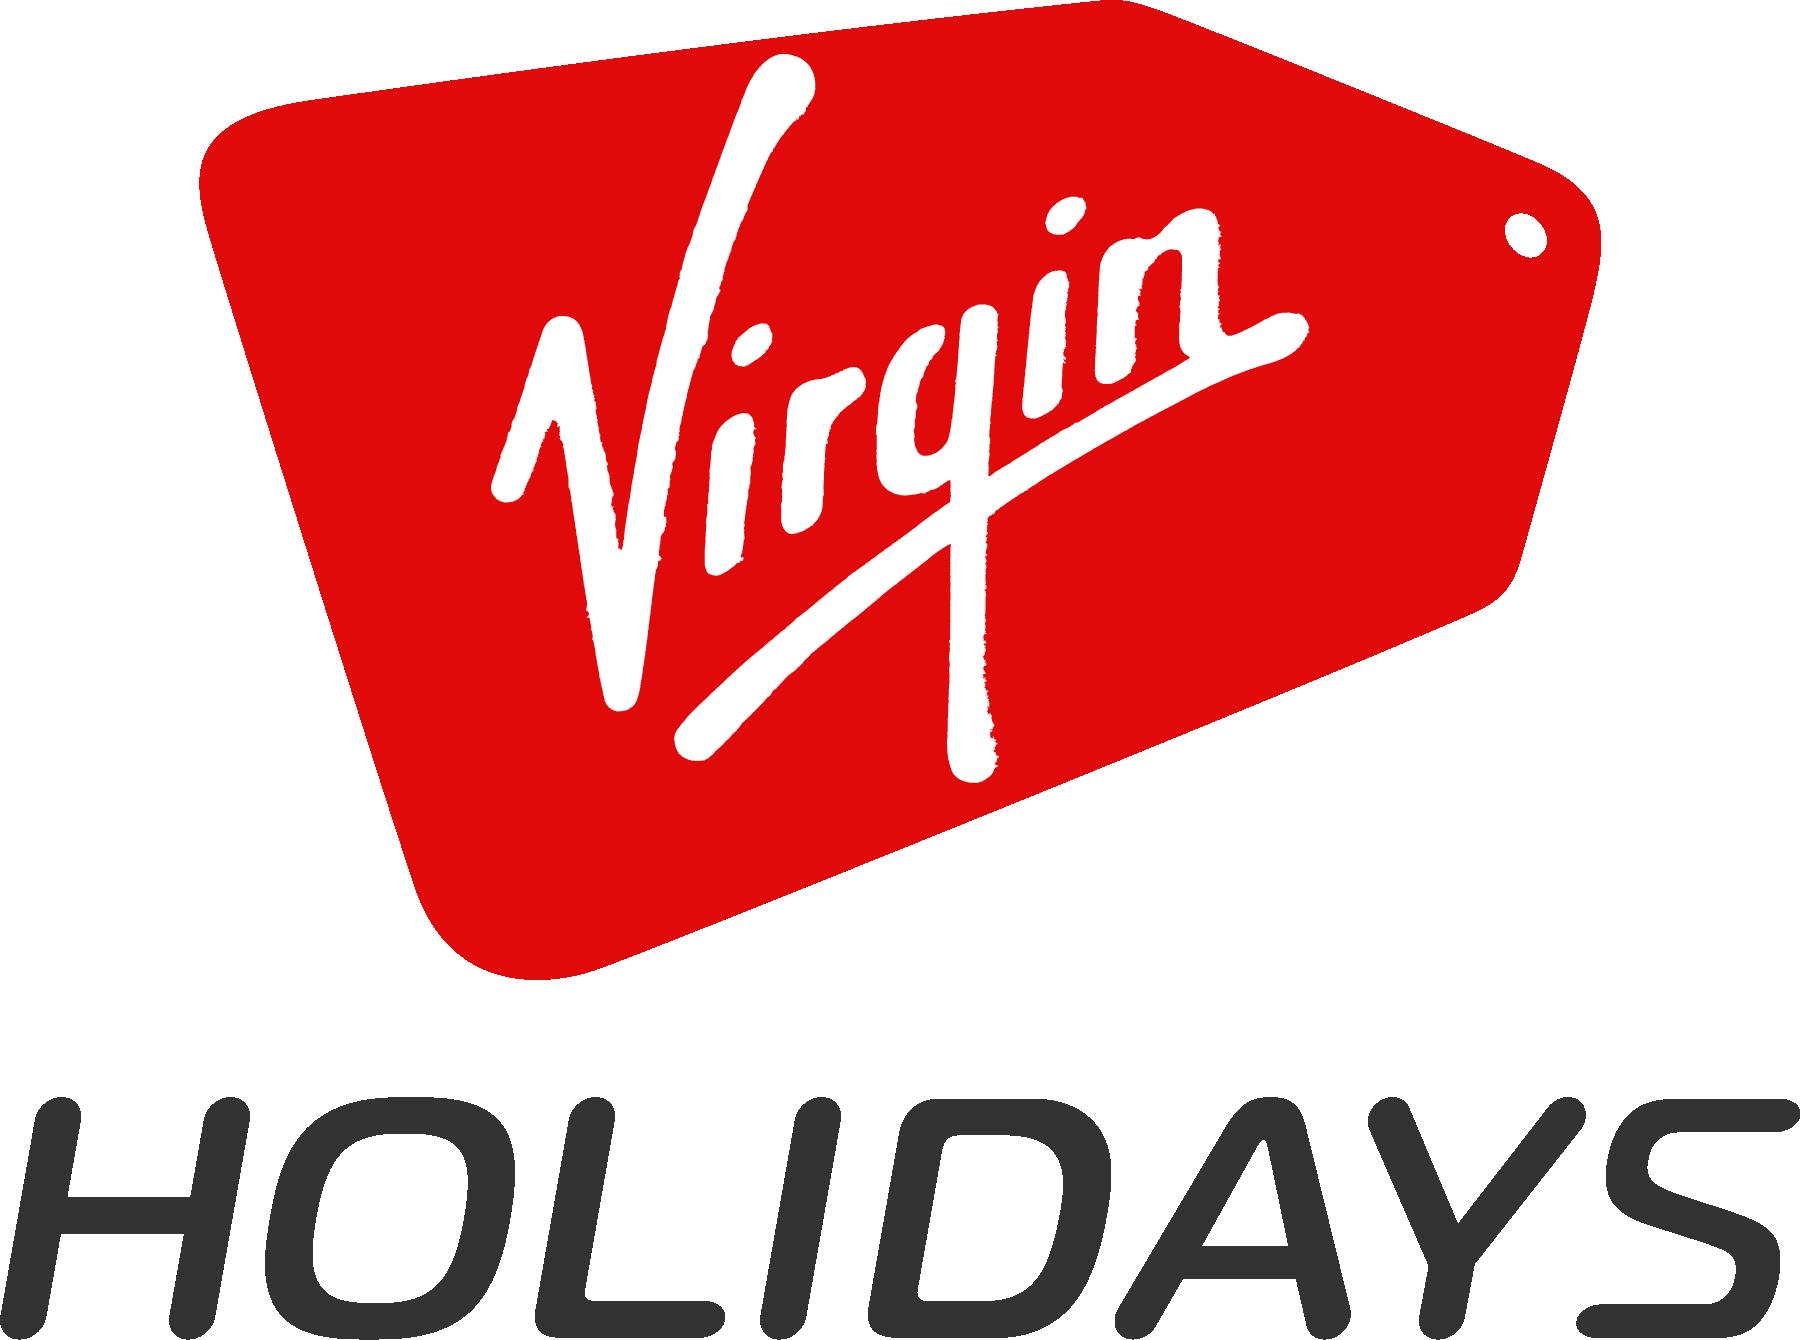 Virgin Holidays at Debenhams, Coventry